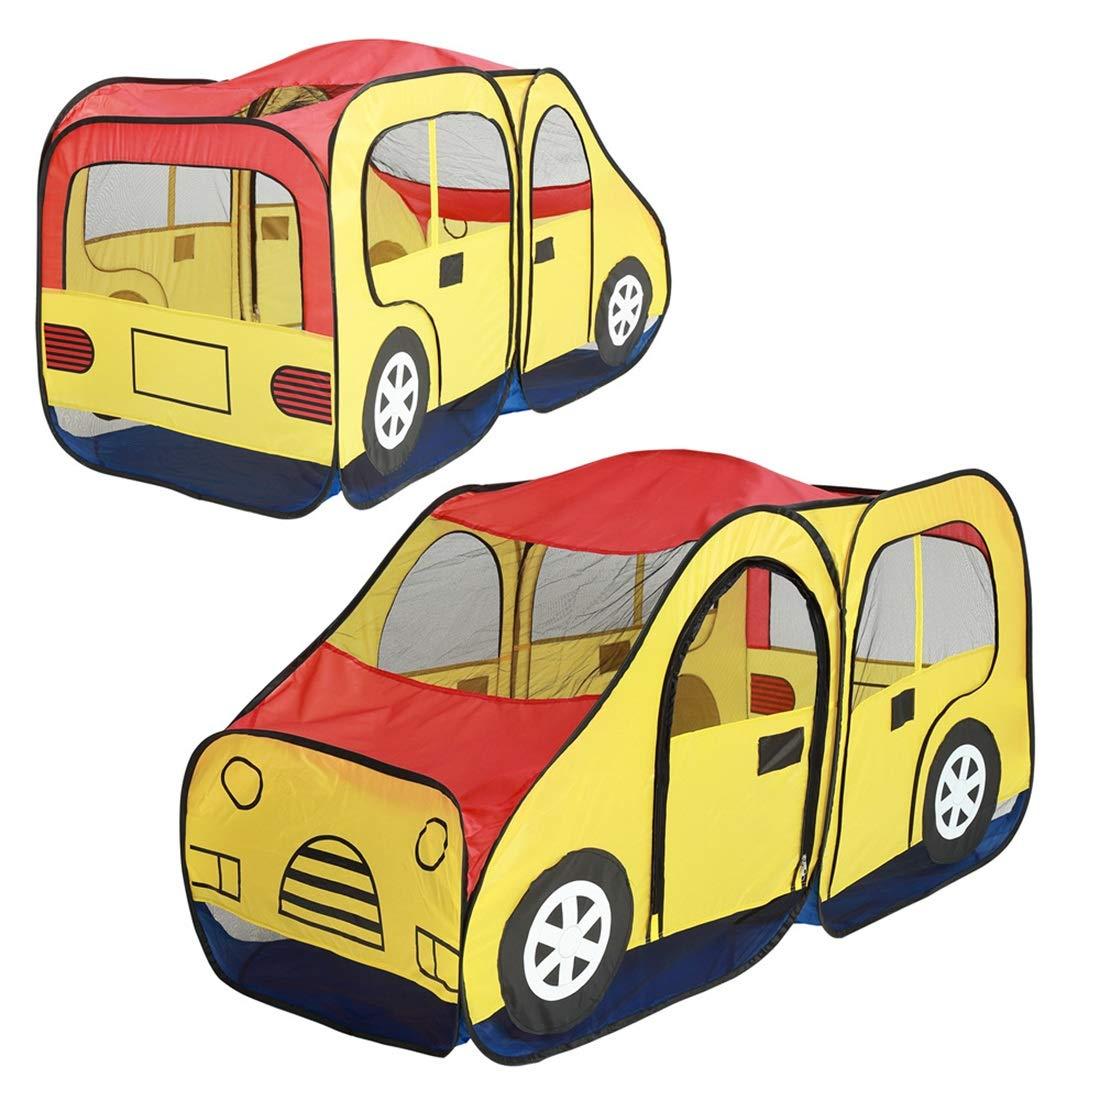 Nekovan (色 クリエイティブな車のデザインの子供たちのテントの子供のための折り畳み式屋内おもちゃの劇場再生 (色 : : イエロー) イエロー B07R9MKL2P B07R9MKL2P, 那須郡:7f127a8b --- number-directory.top